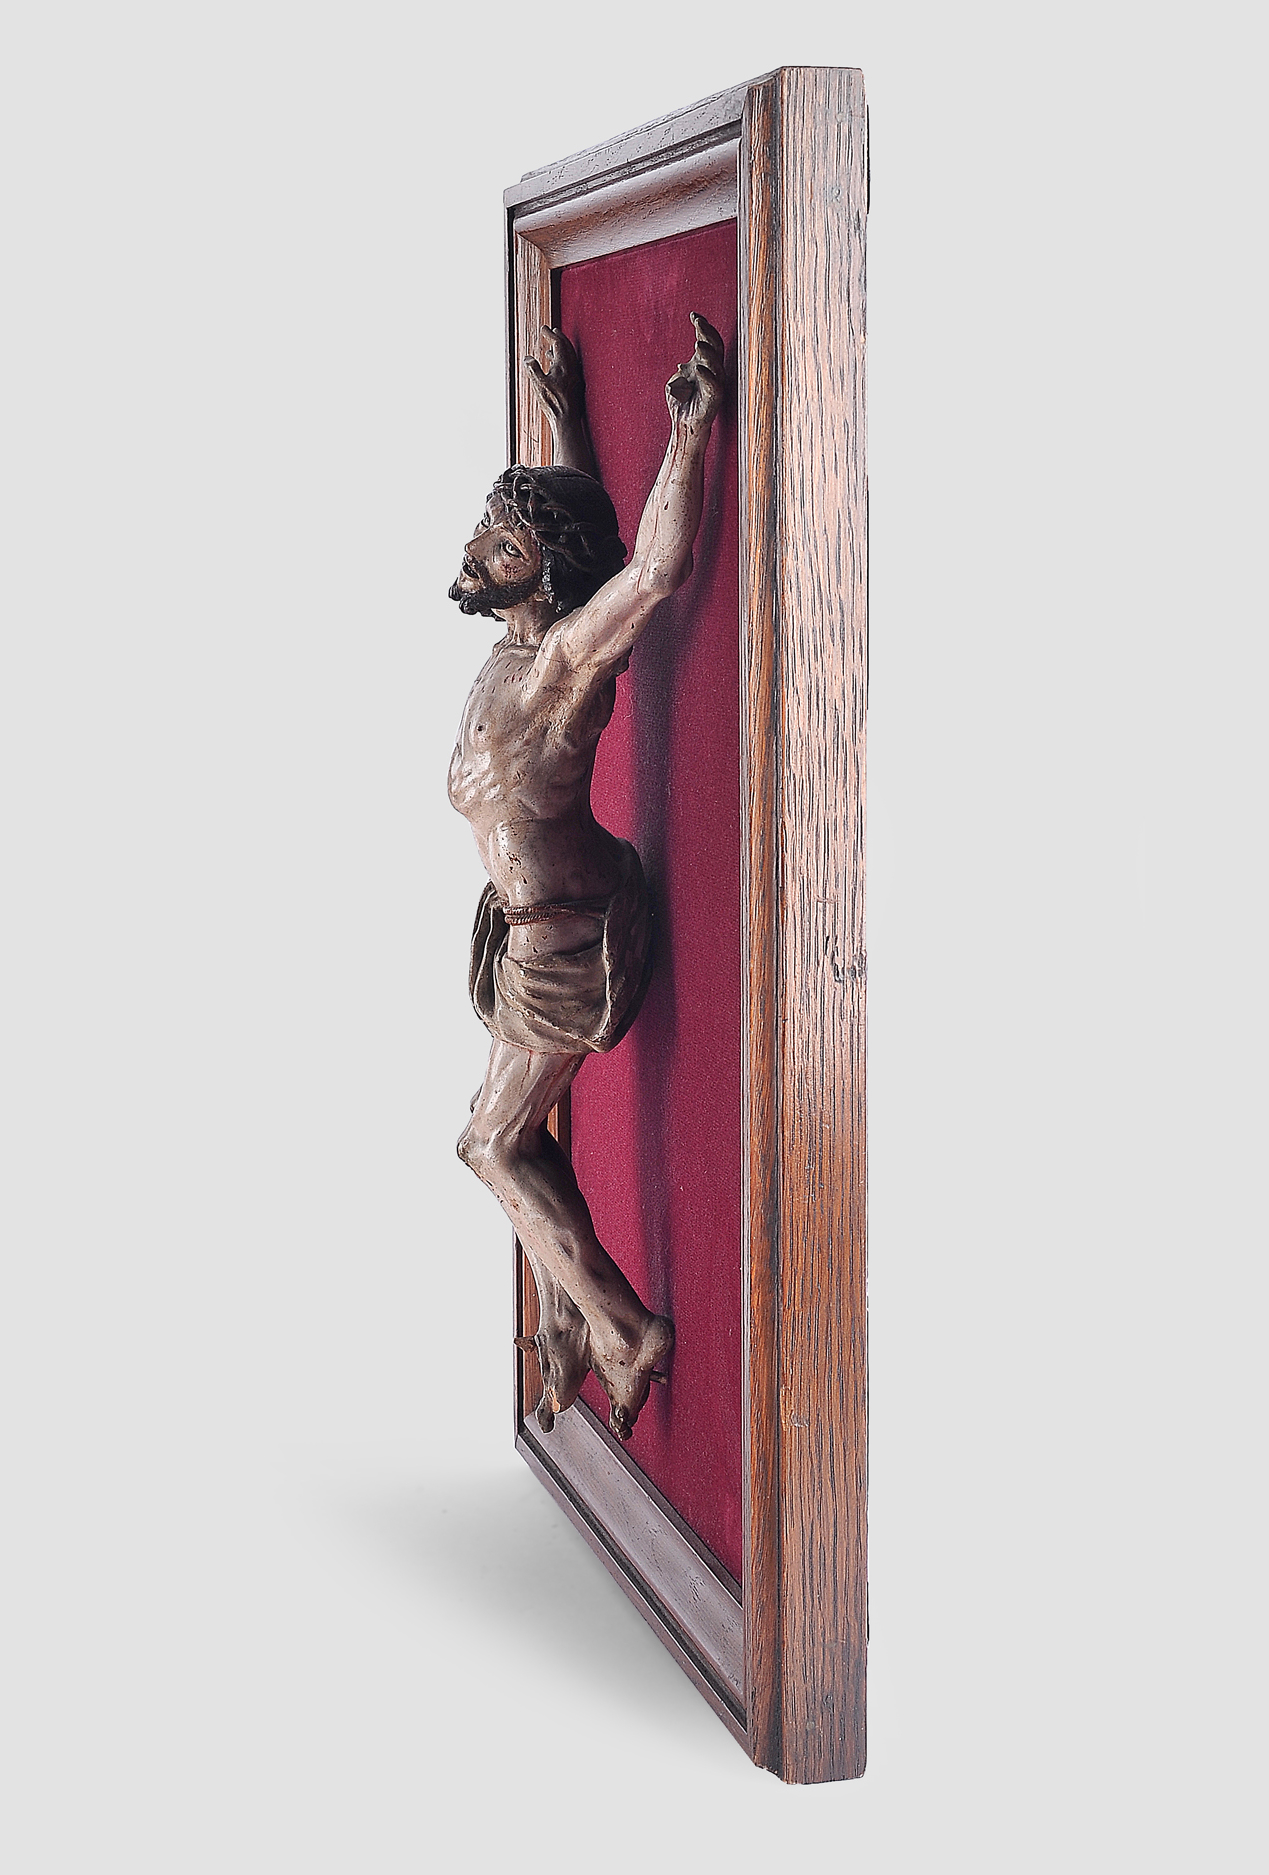 Christo Vivo, Spanien, 17. Jahrhundert - Image 6 of 8